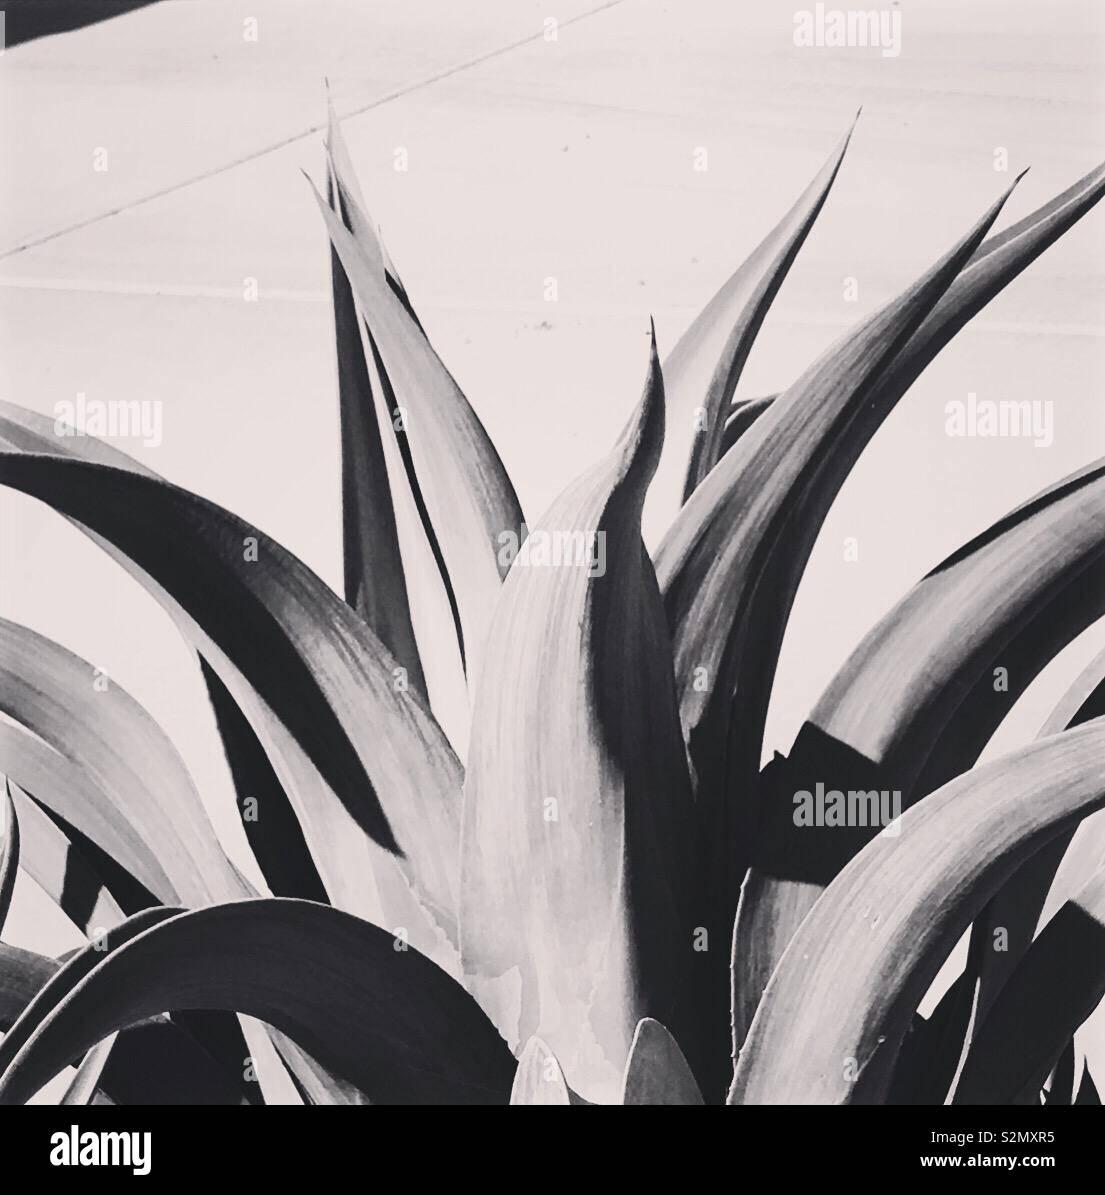 Agave cactus vicino, concentrandosi sulle linee e curve in bianco e nero. Foto Stock